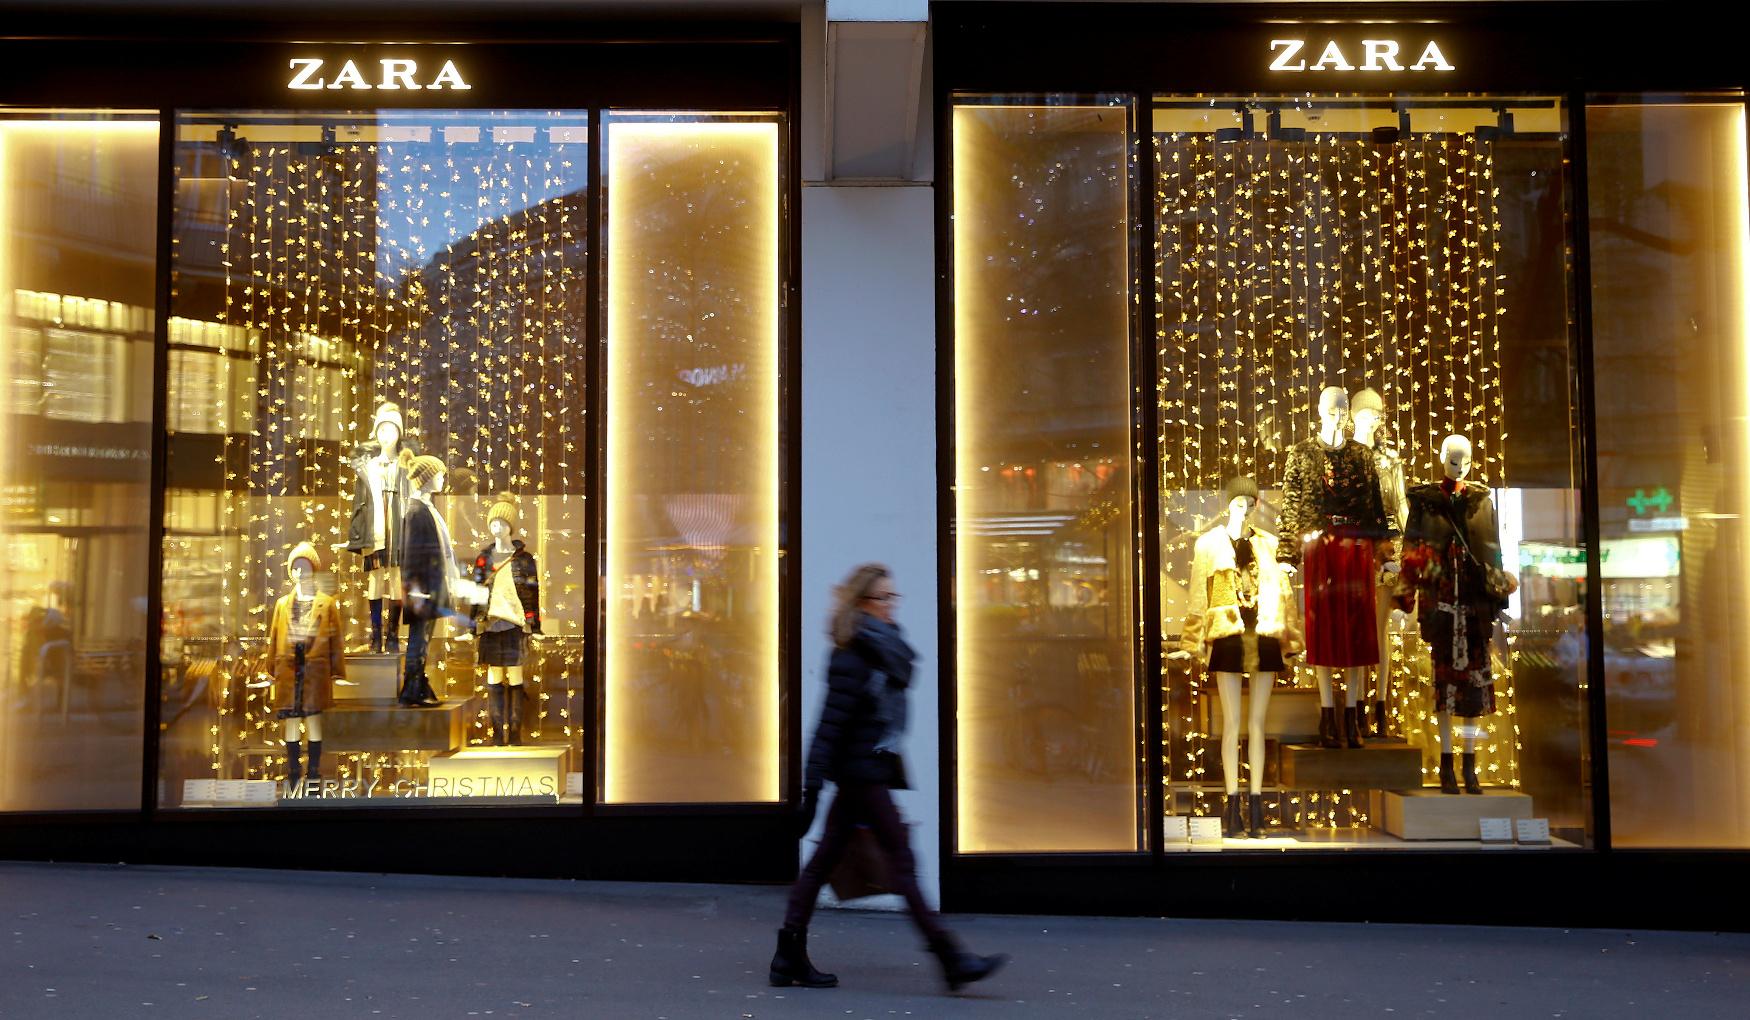 Ilustracija: Zara u Švicarskoj